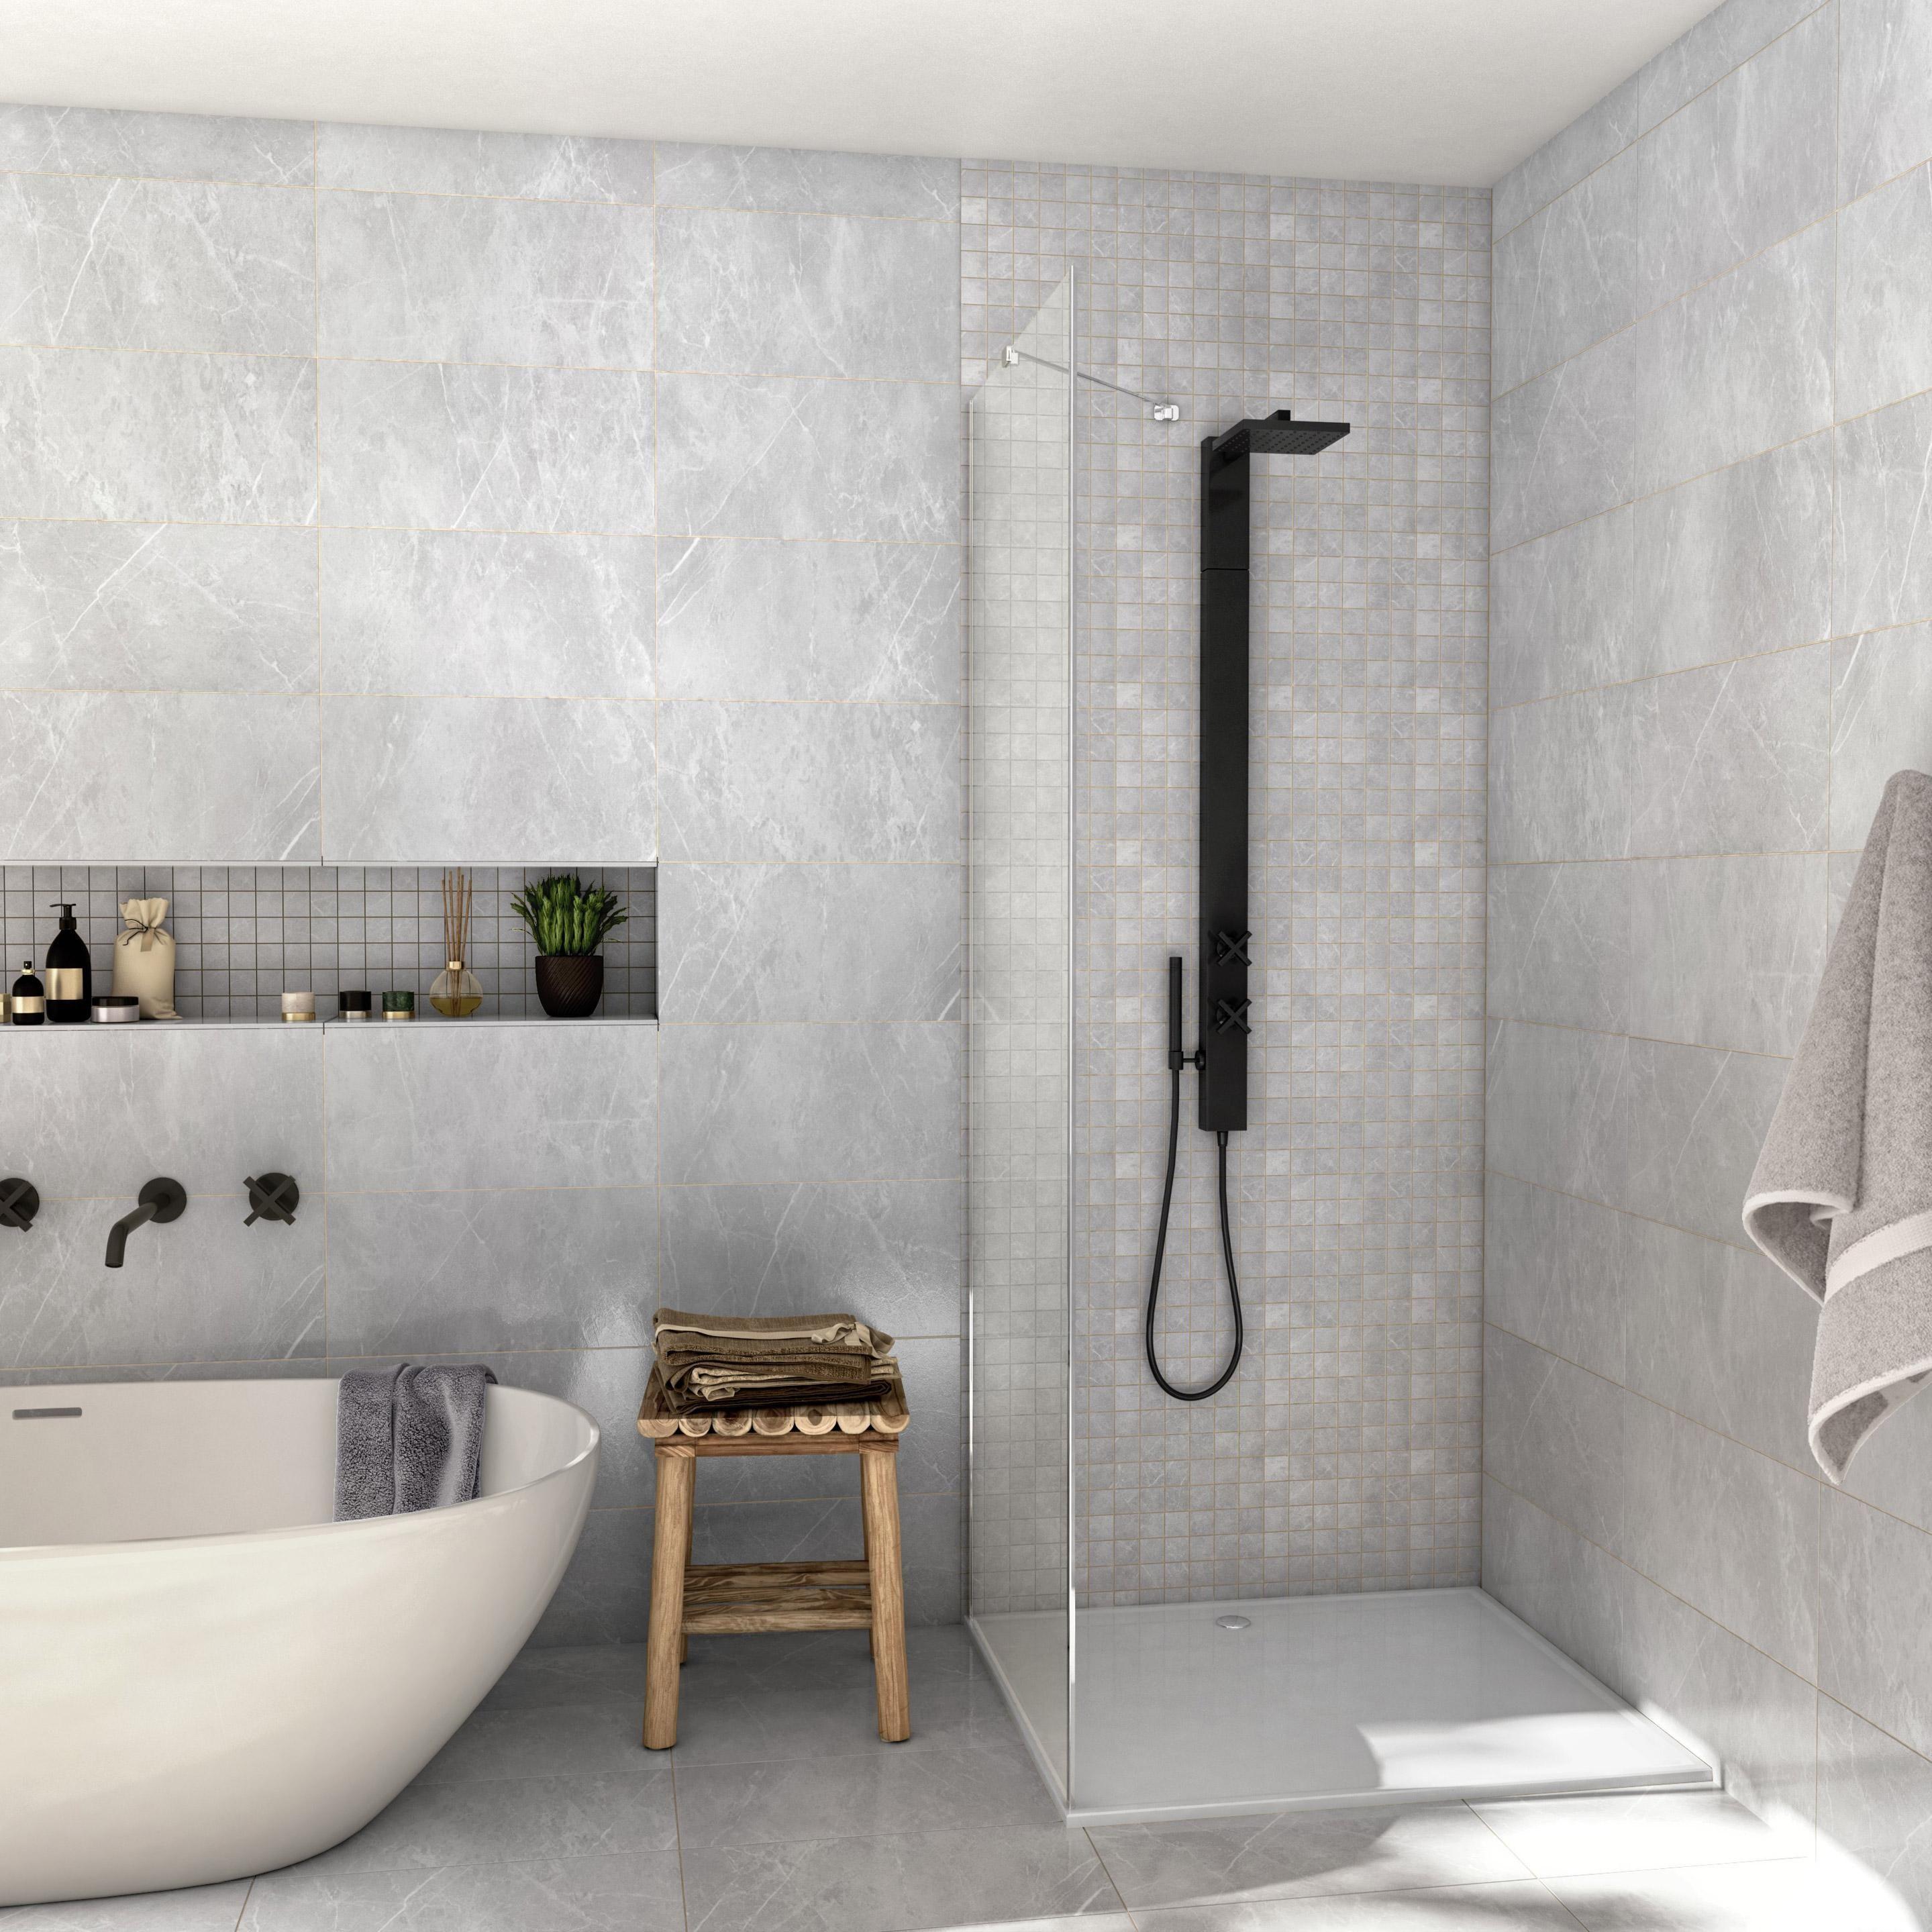 Carrelage Salle De Bain Gris Clair carrelage mur et sol marbre gris mat l.30 x l.60 cm, rialto